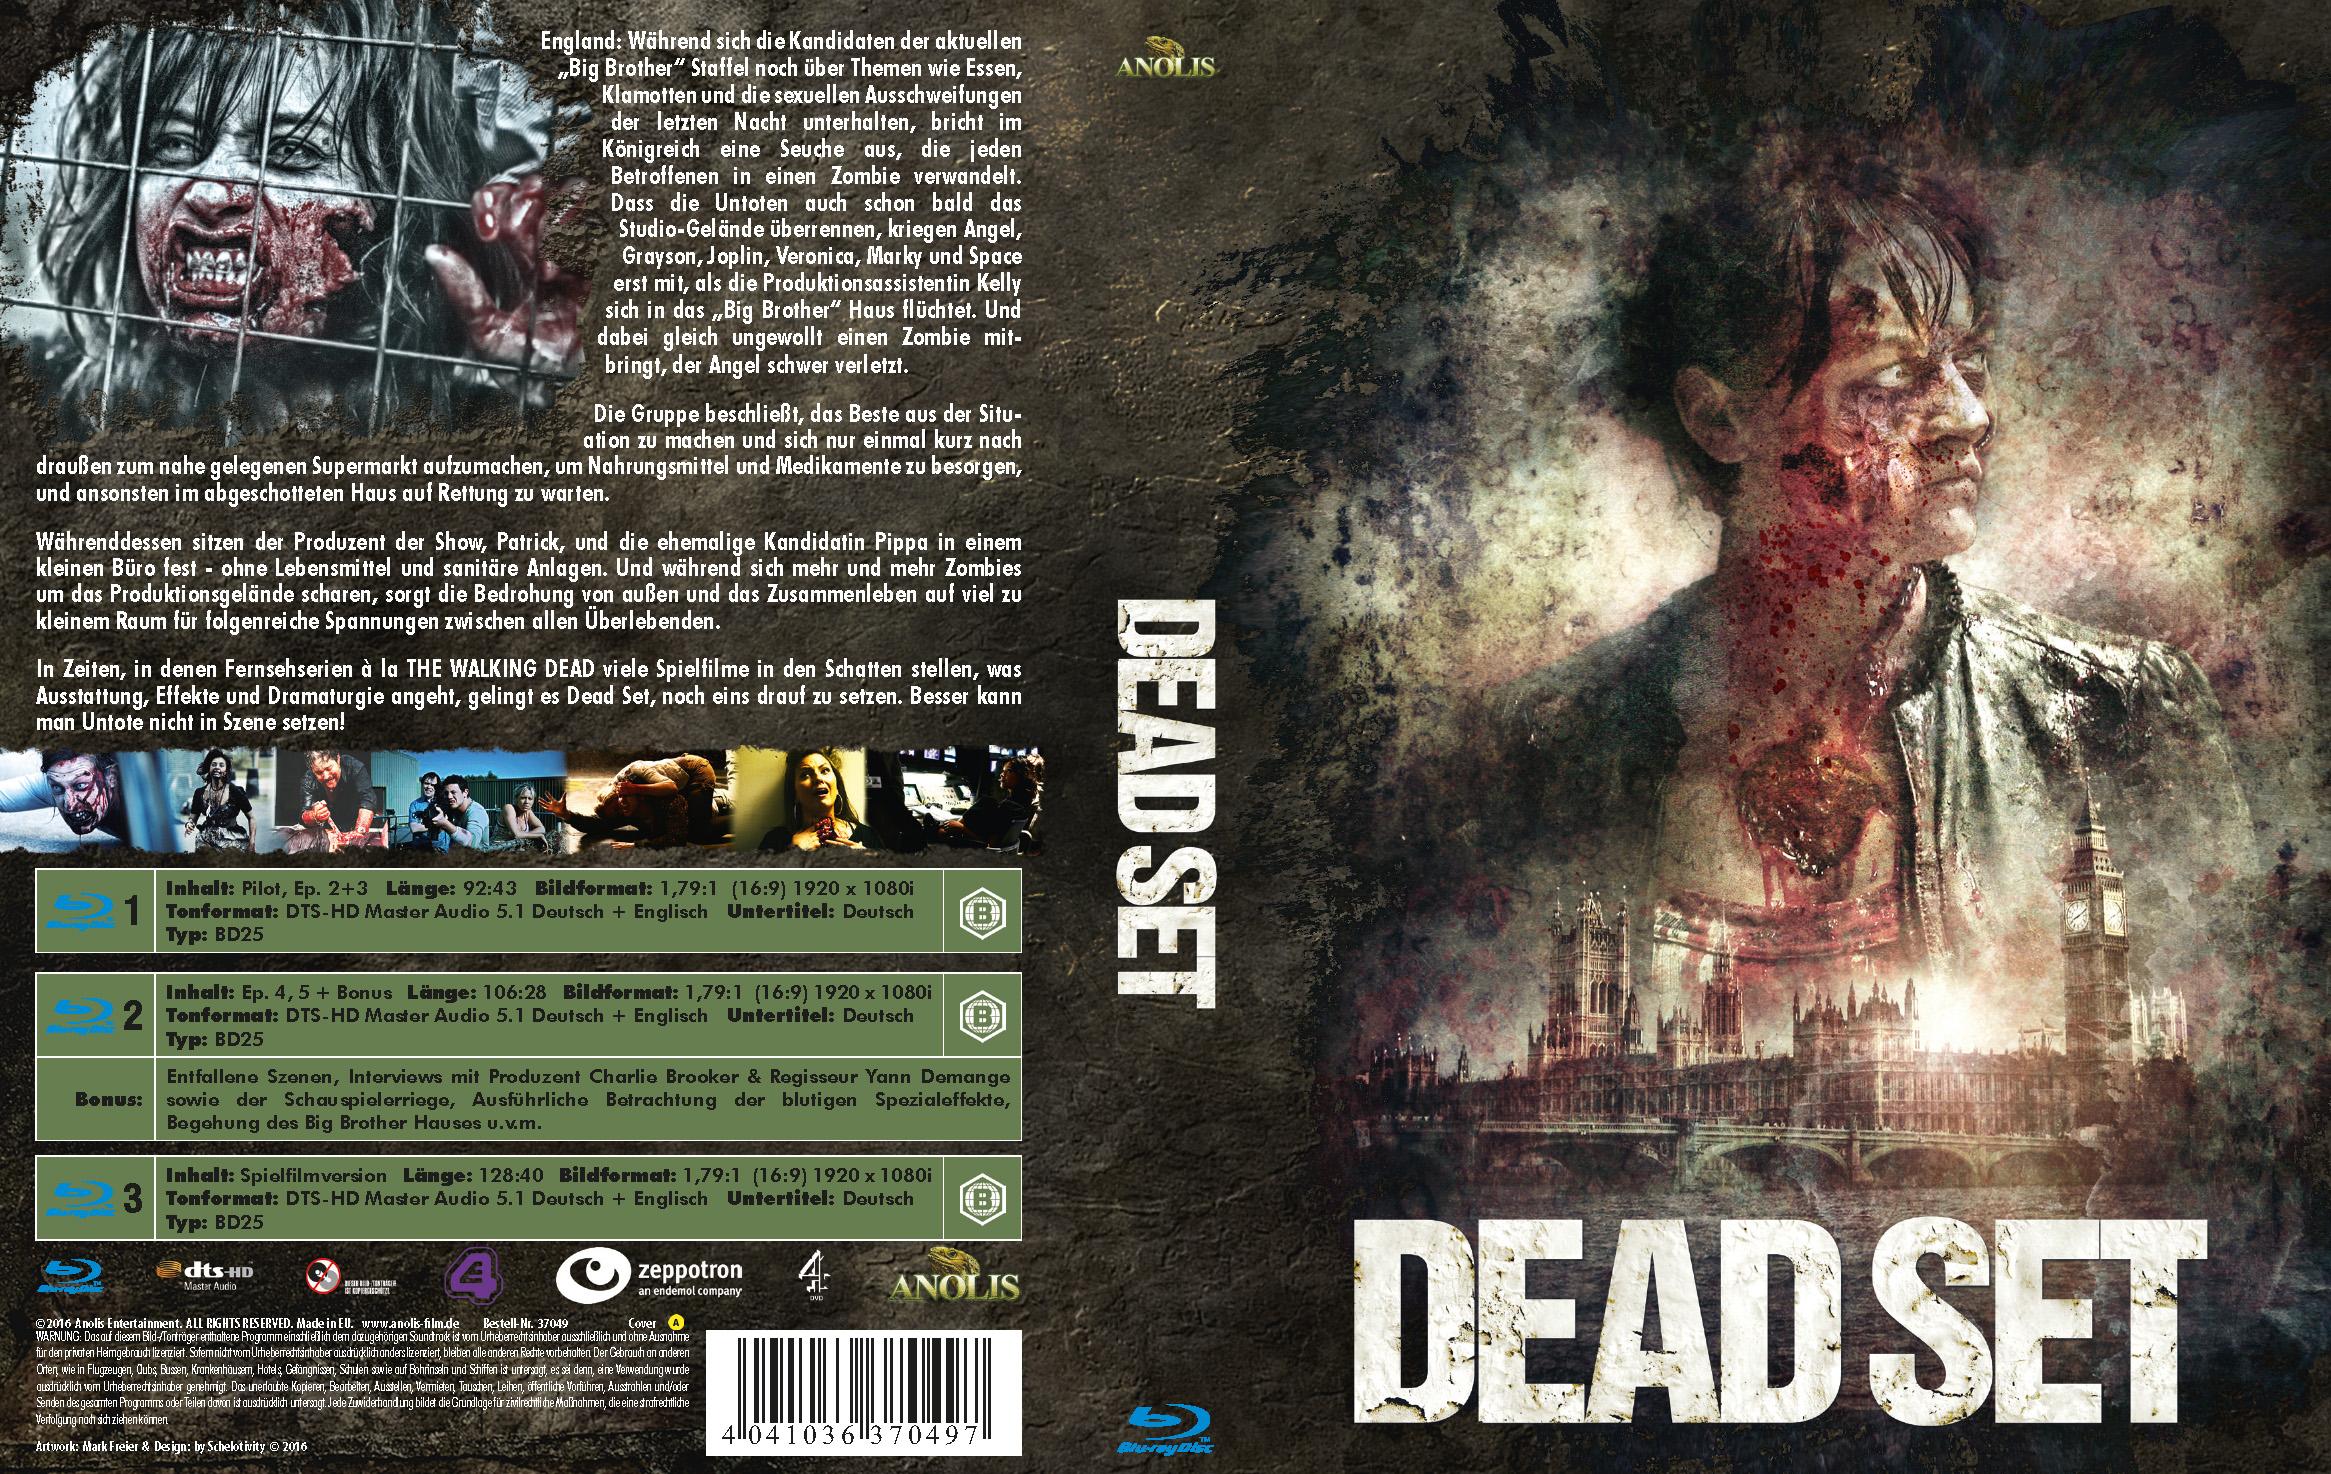 Dead Set (Mediabook Cover A)